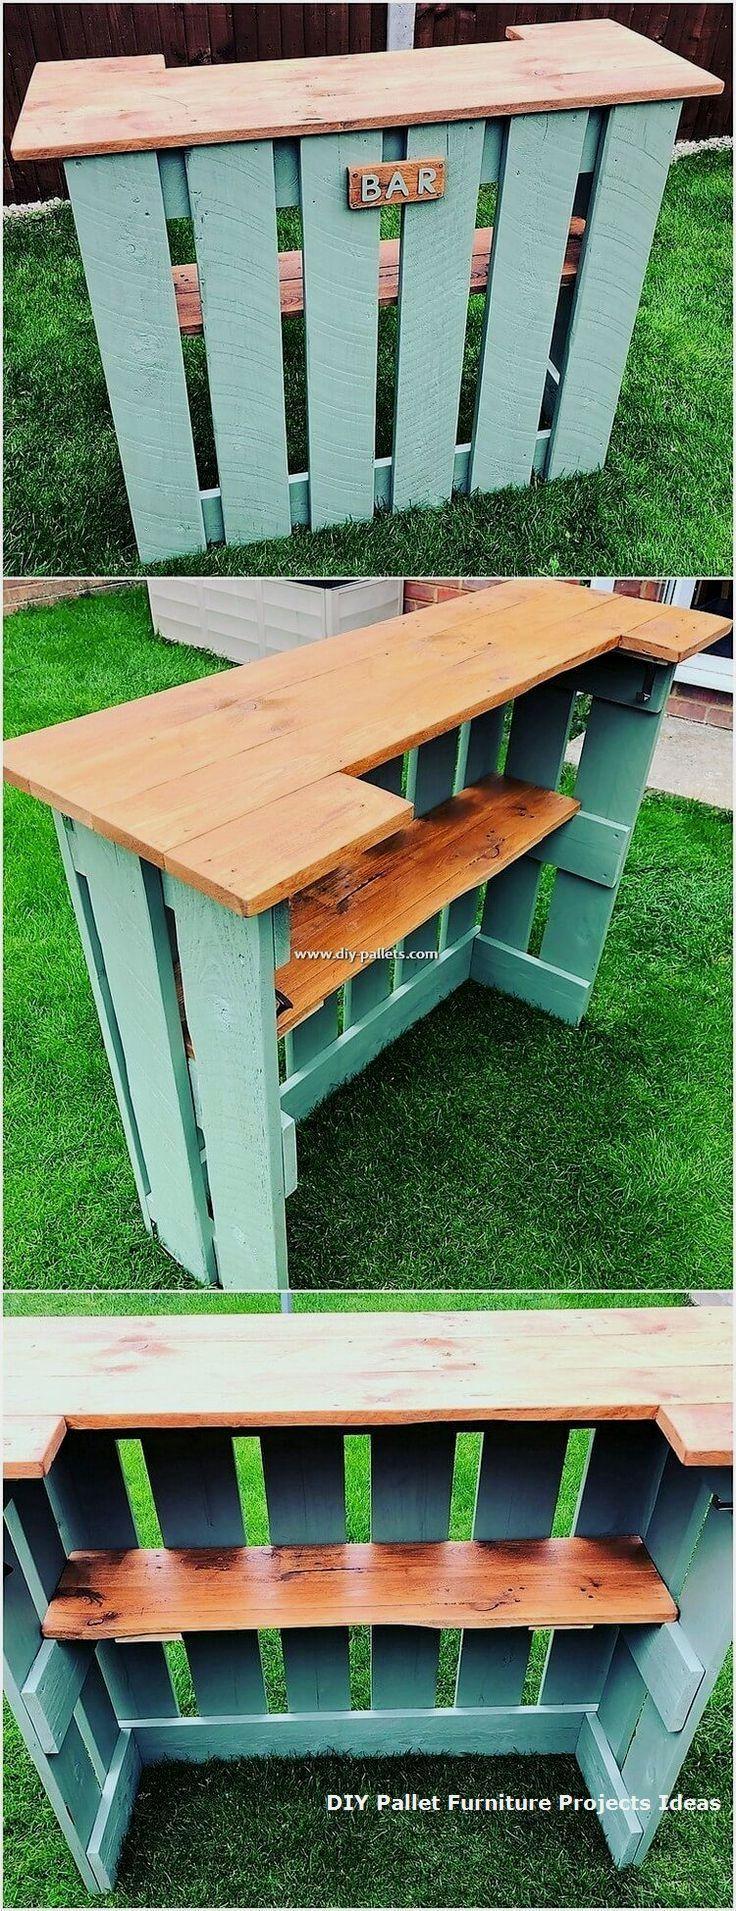 Umwerfende DIY-Projekte für die Wiederverwendung von Holzpaletten